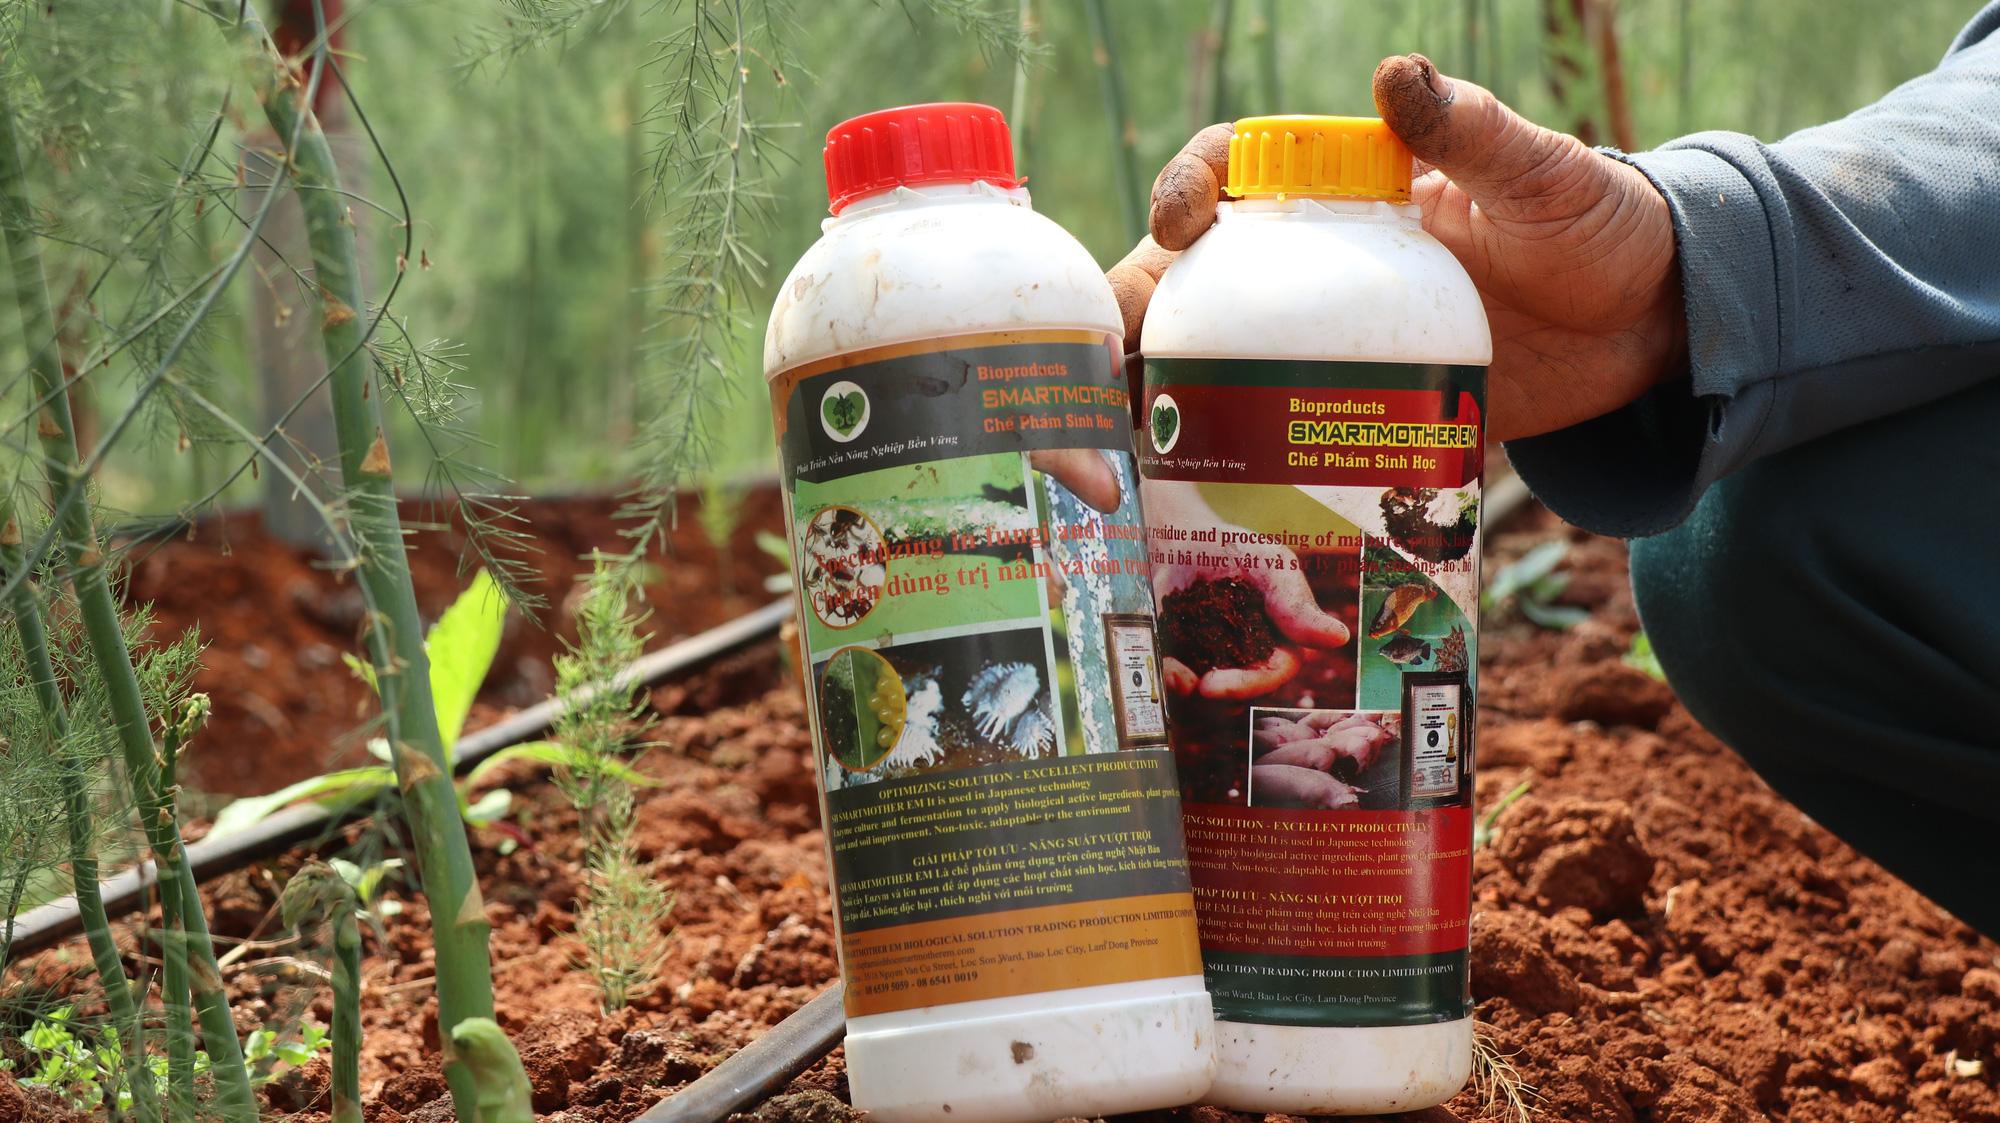 Đánh liều phá cà phê trồng măng tây, mỗi ngày thu 400kg, bán cho thương lái 60.000 đồng/kg - Ảnh 6.